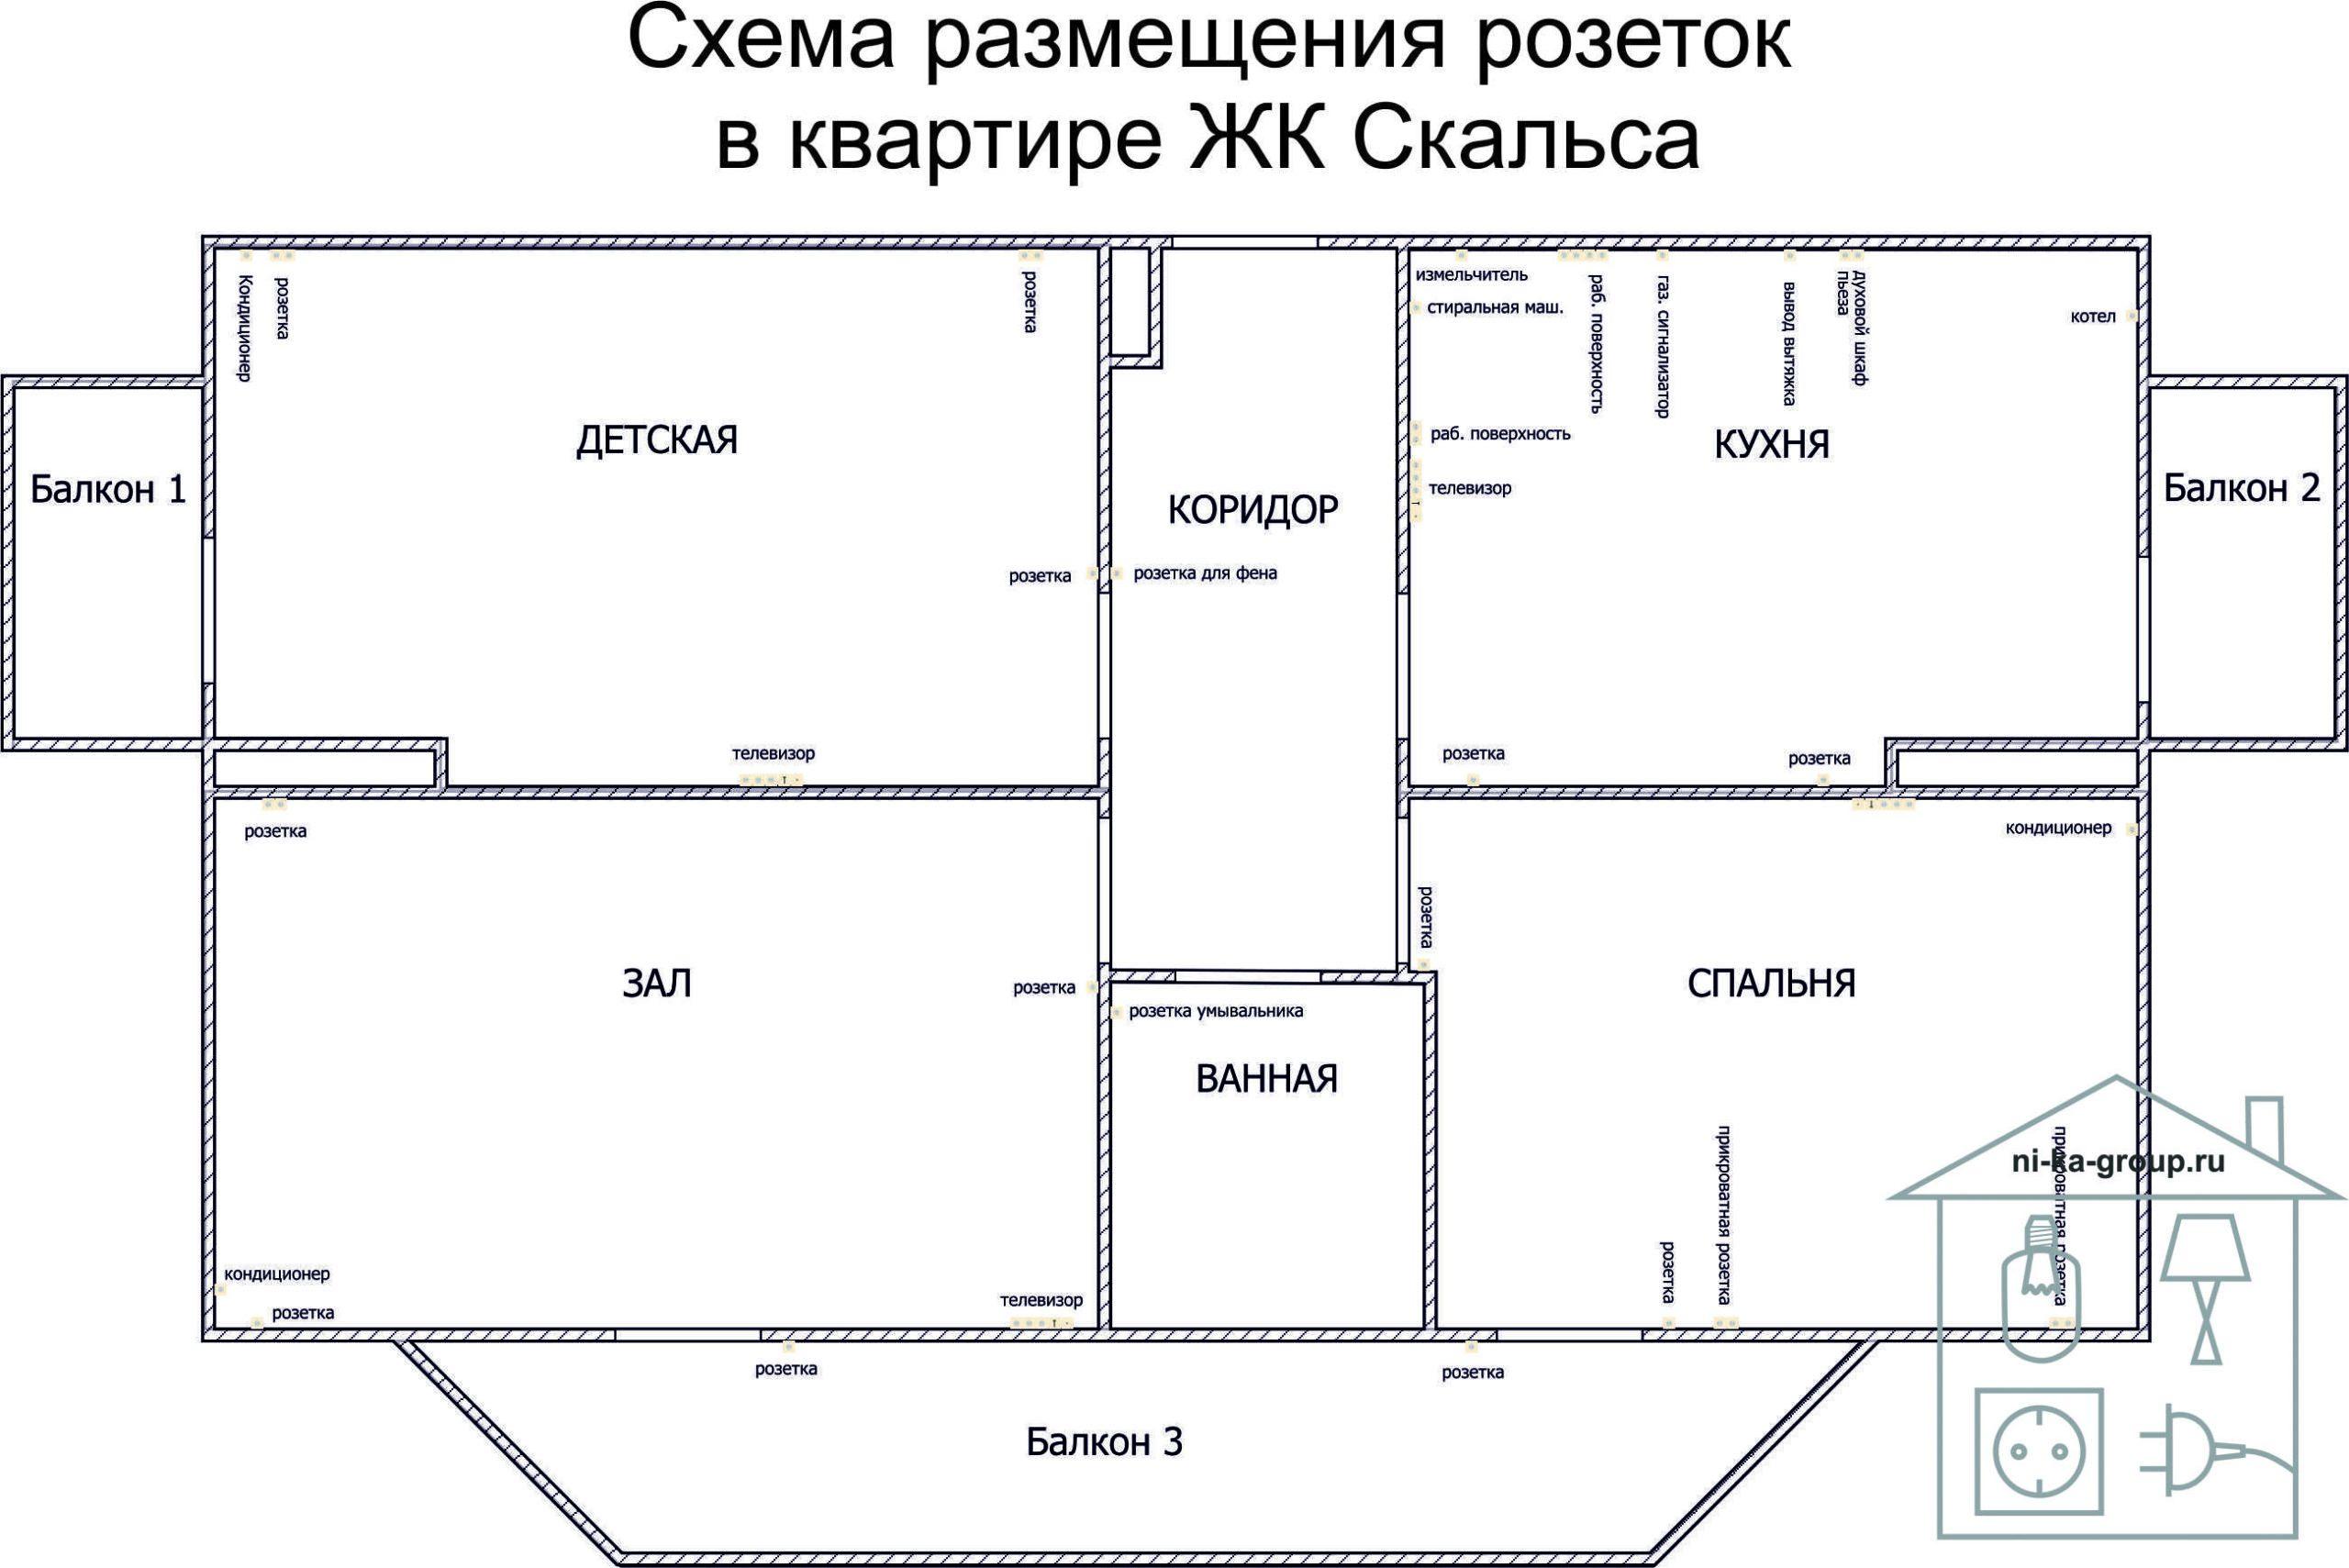 Схема размещения электроточек в квартире ЖК Скальса